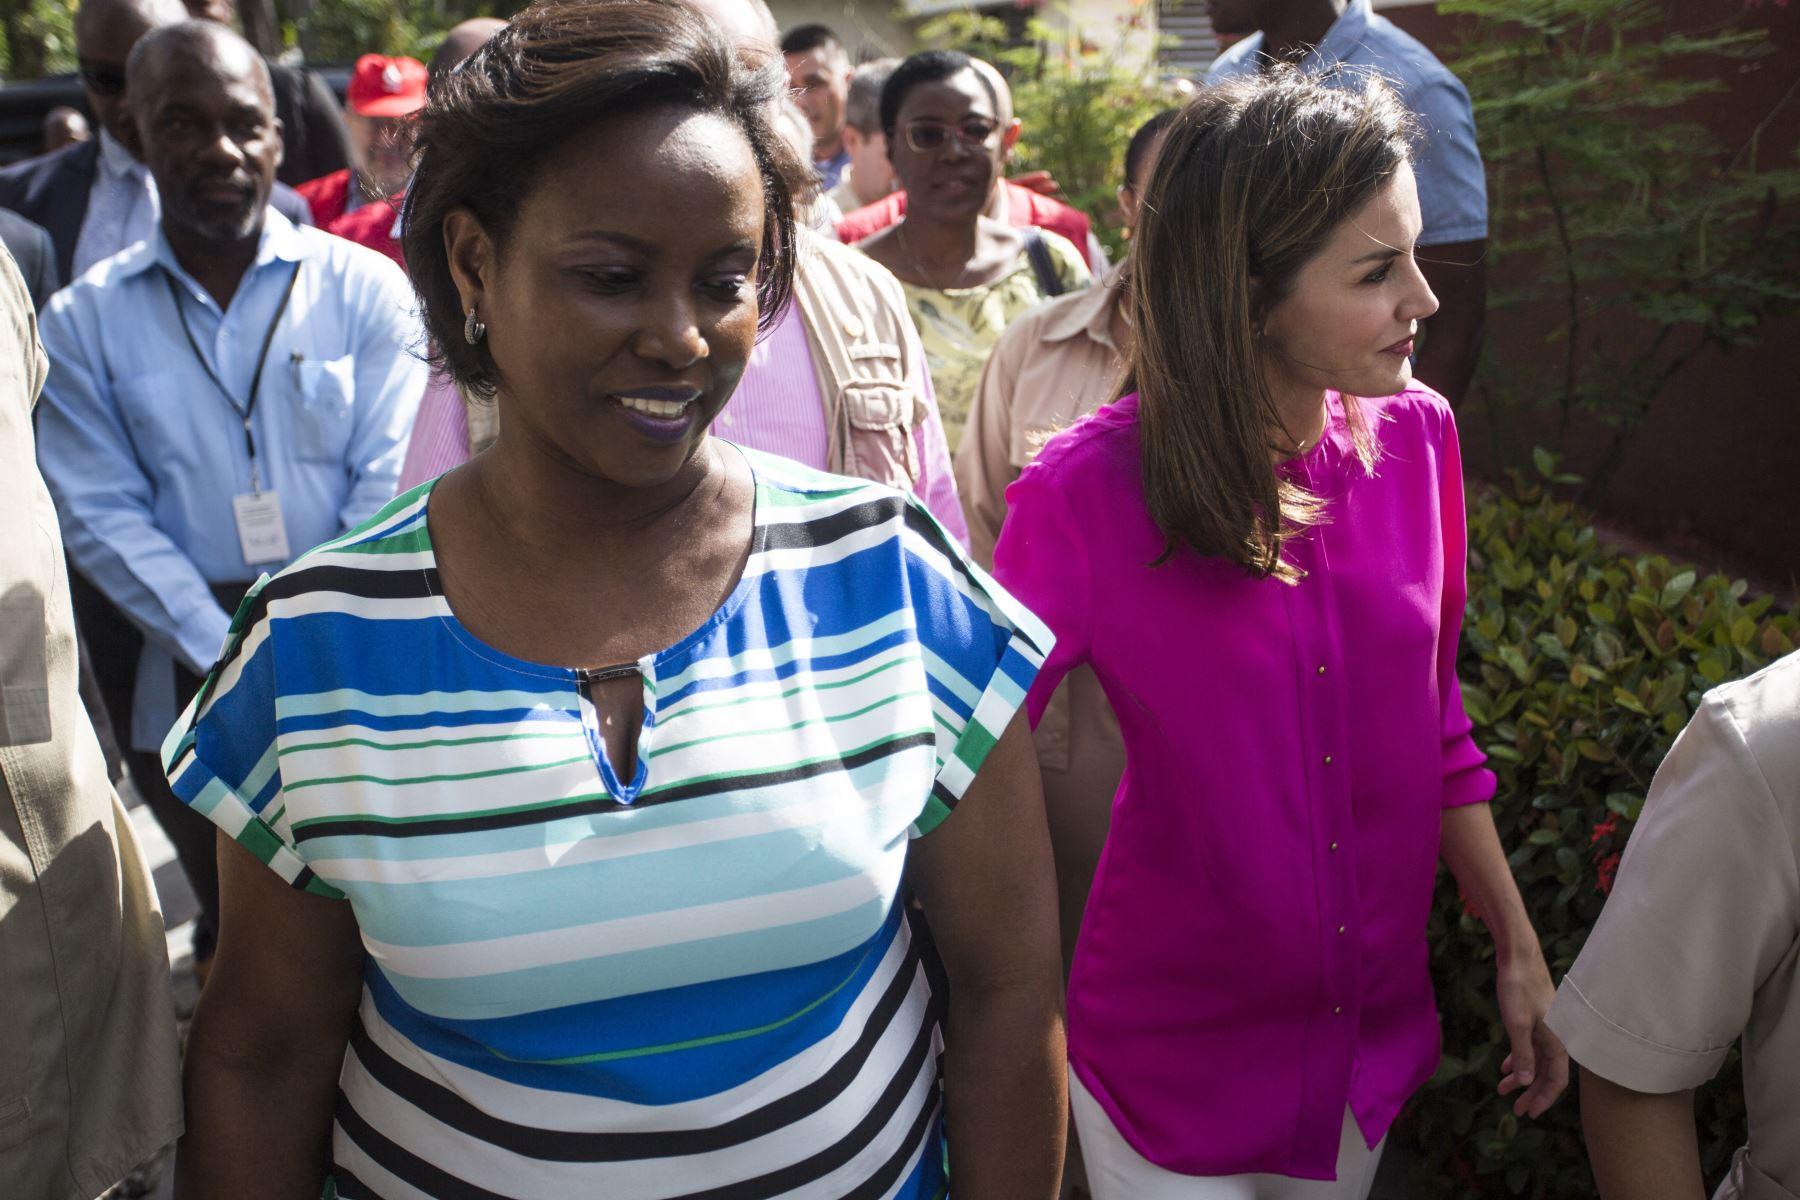 Viuda de presidente asesinado de Haití en Miami para recibir tratamiento